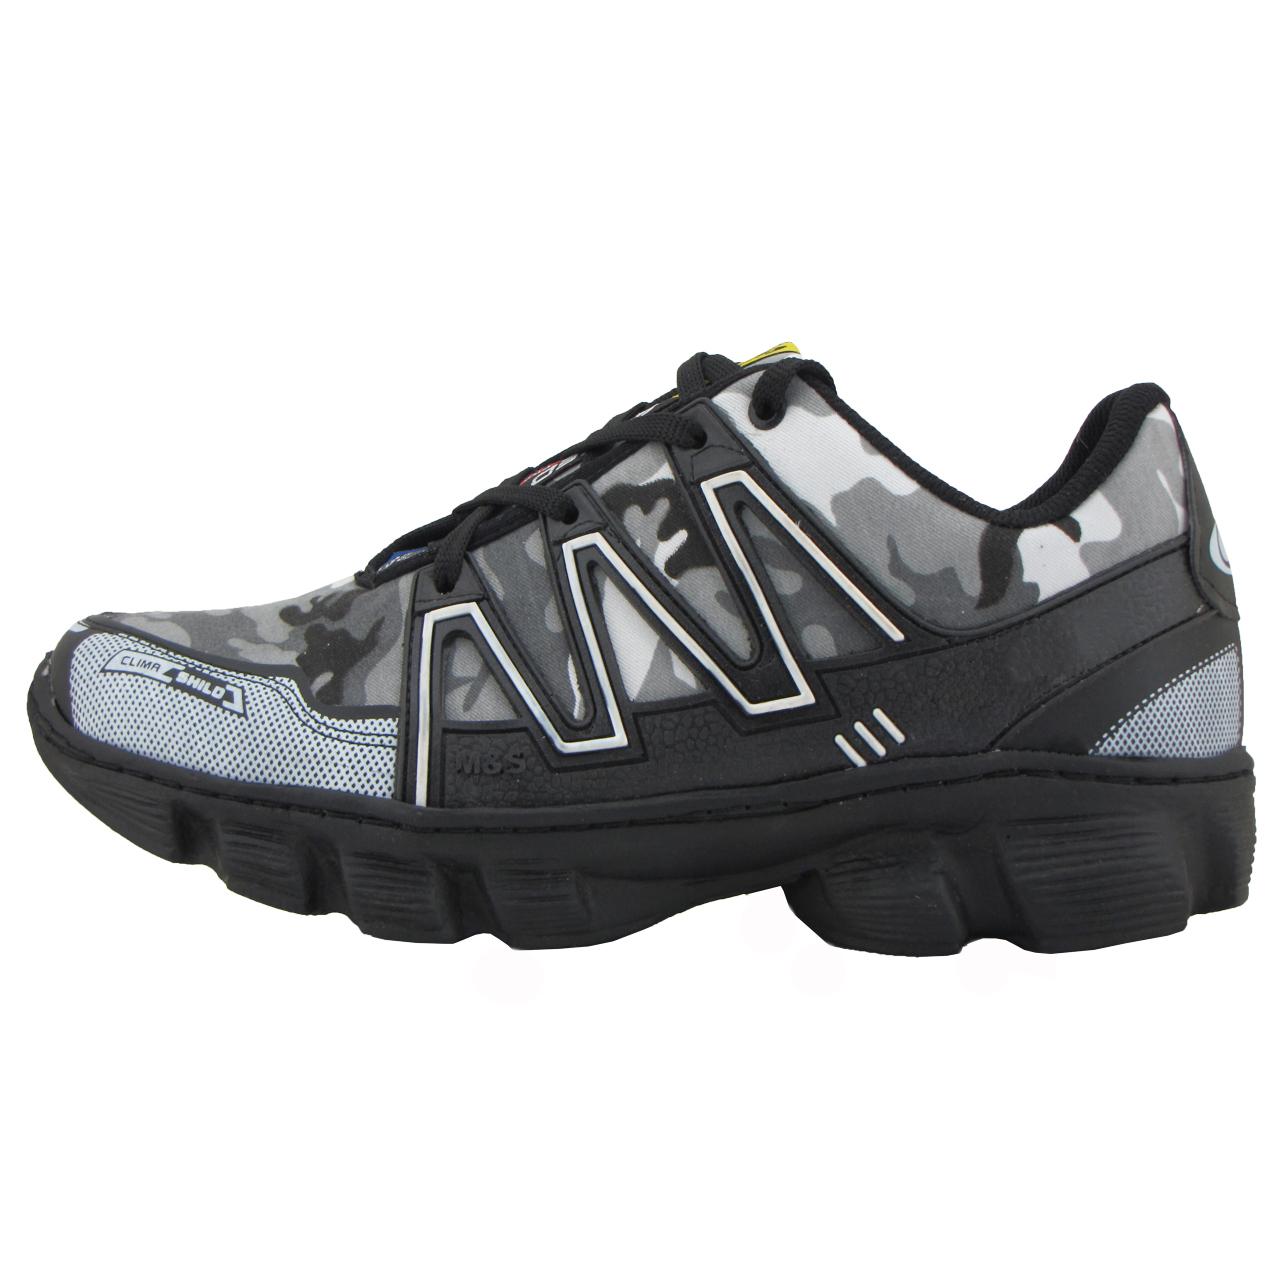 کفش مردانه کلیمر شیلد طرح چیریکی کد 1202